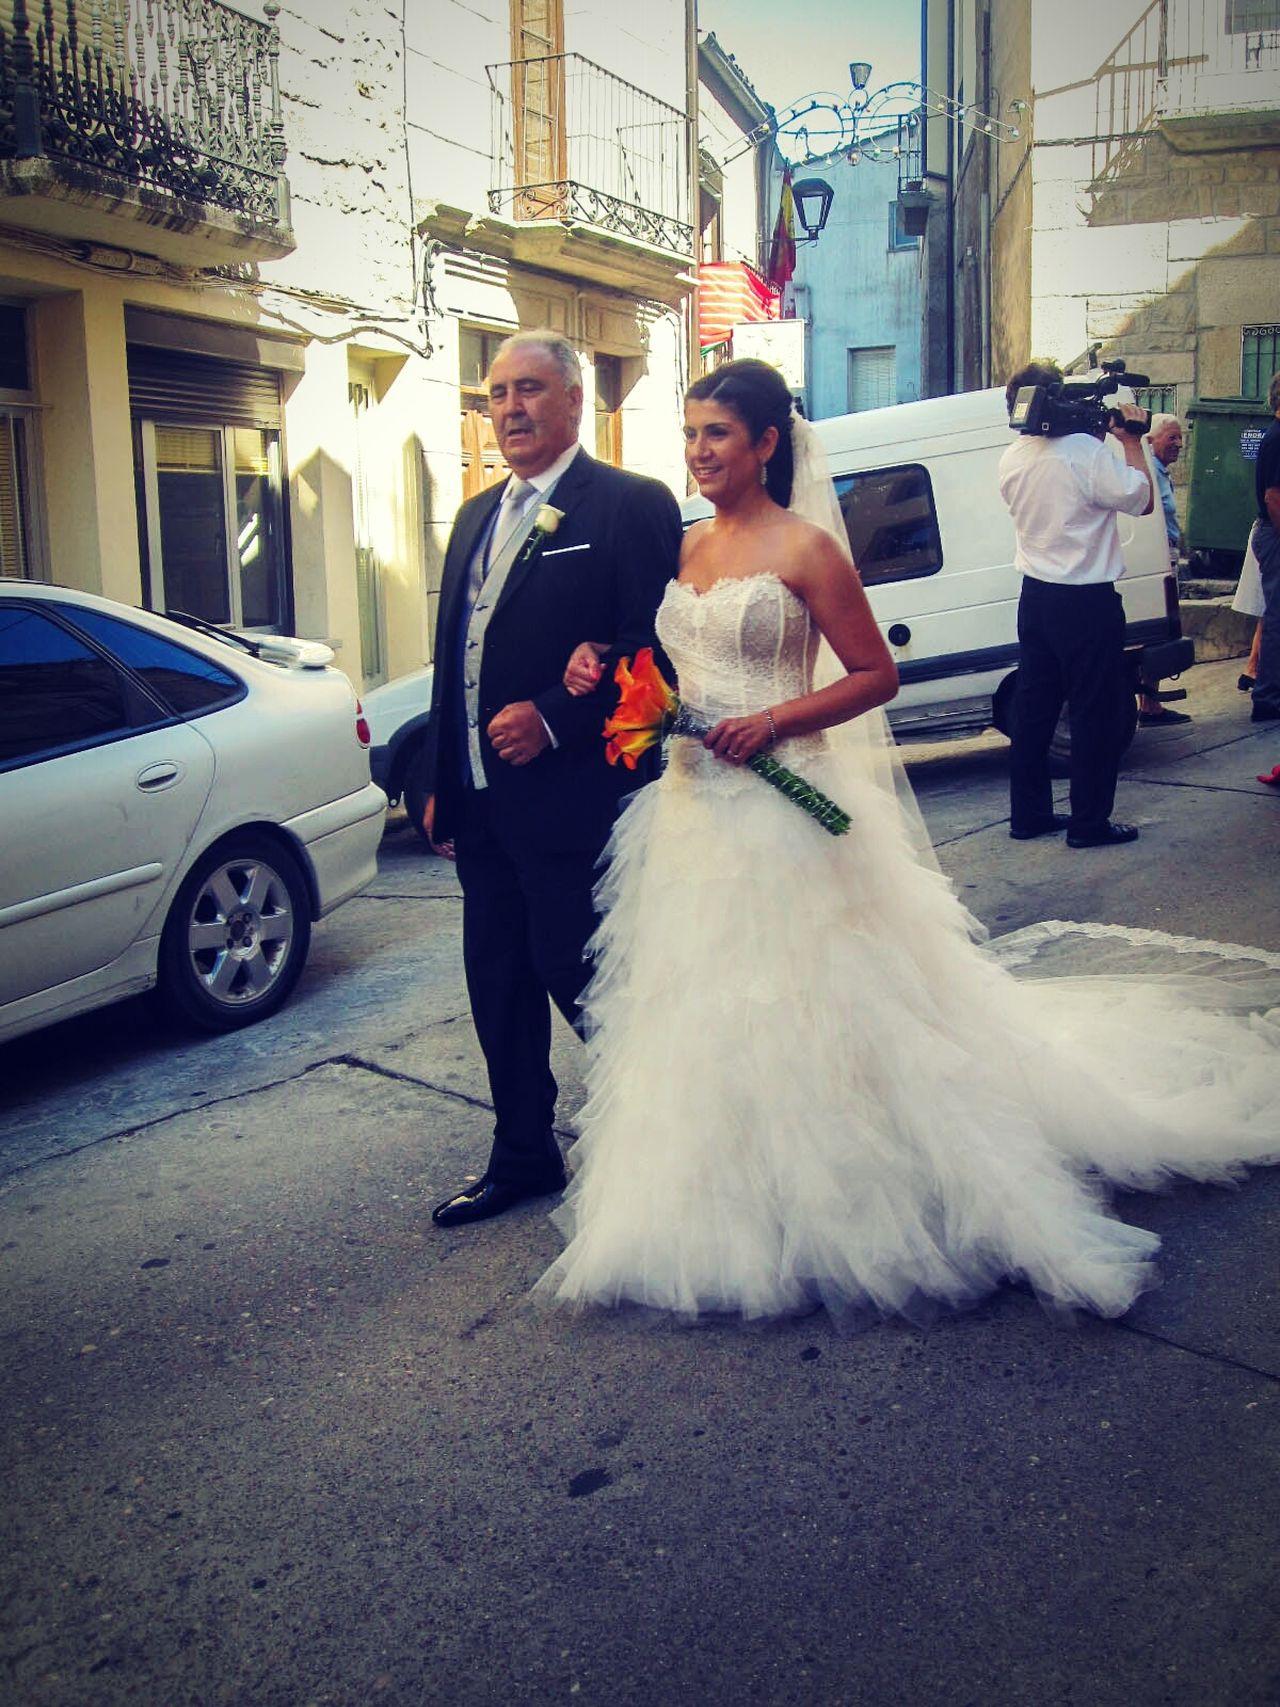 Boda De Pueblo Verano 2014 Fermoselle Wedding Photography Taking Photos Hanging Out Travel Photography Pueblos De España Summer 2014